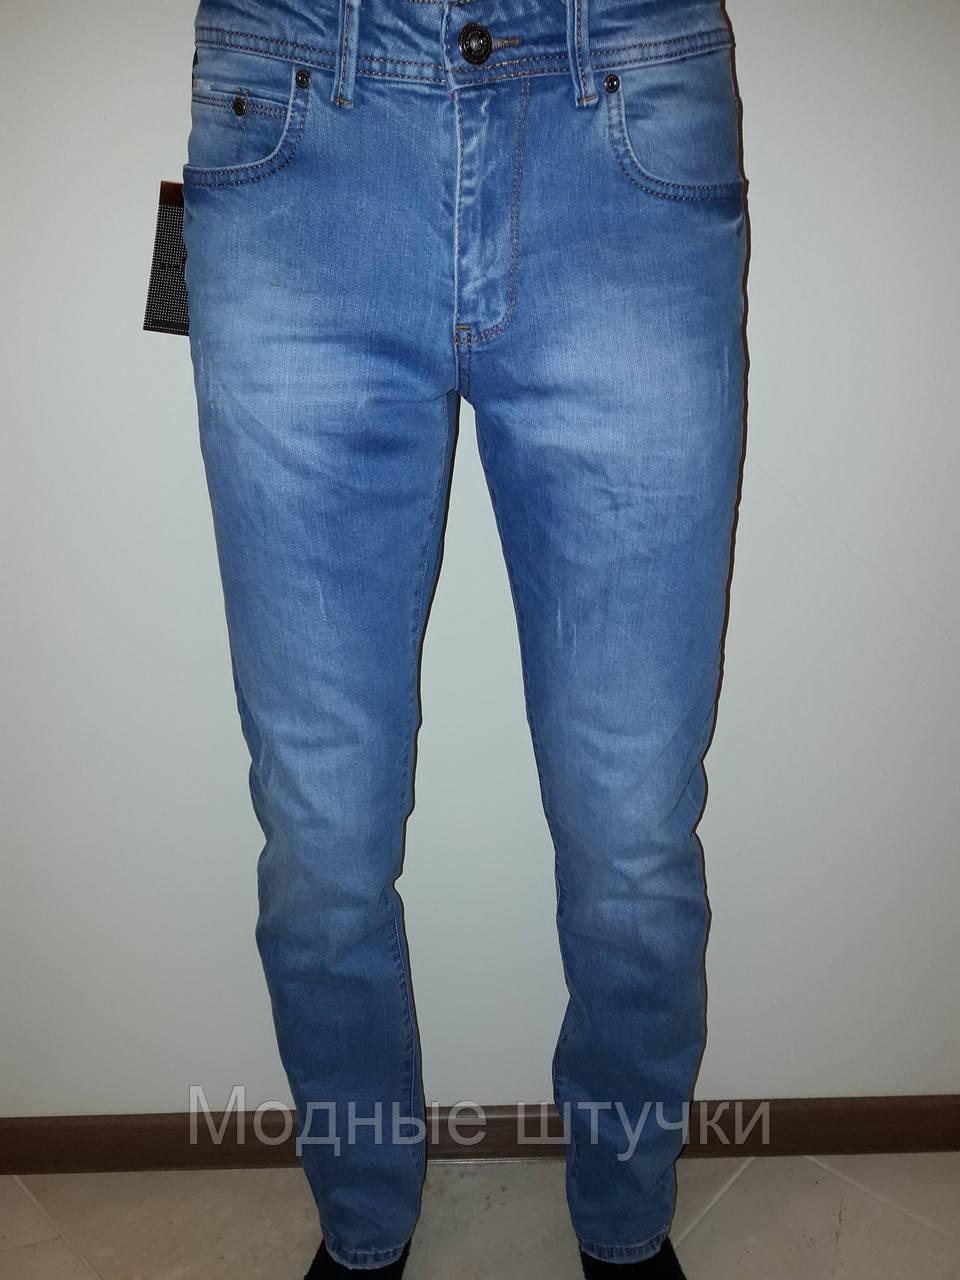 414193797e7 Джинсы мужские светлые Redmond 082 - Модные штучки в Николаеве